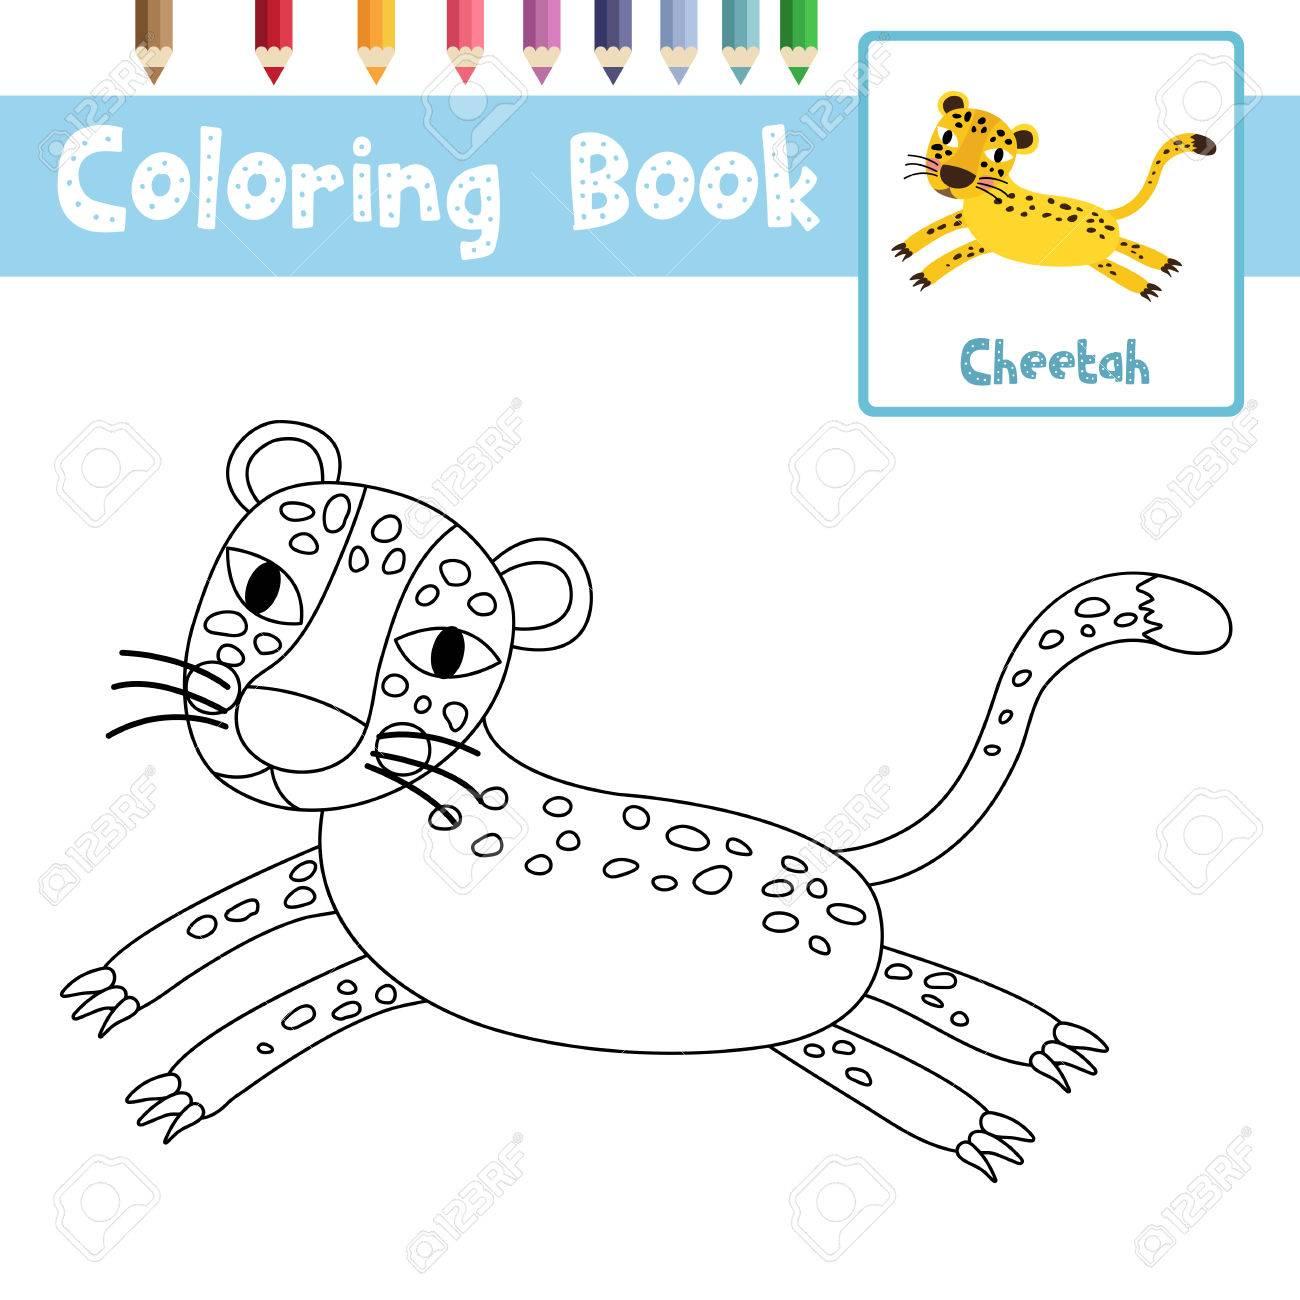 Malvorlage Von Jumping Cheetah Tiere Für Vorschule Kinder Aktivität ...